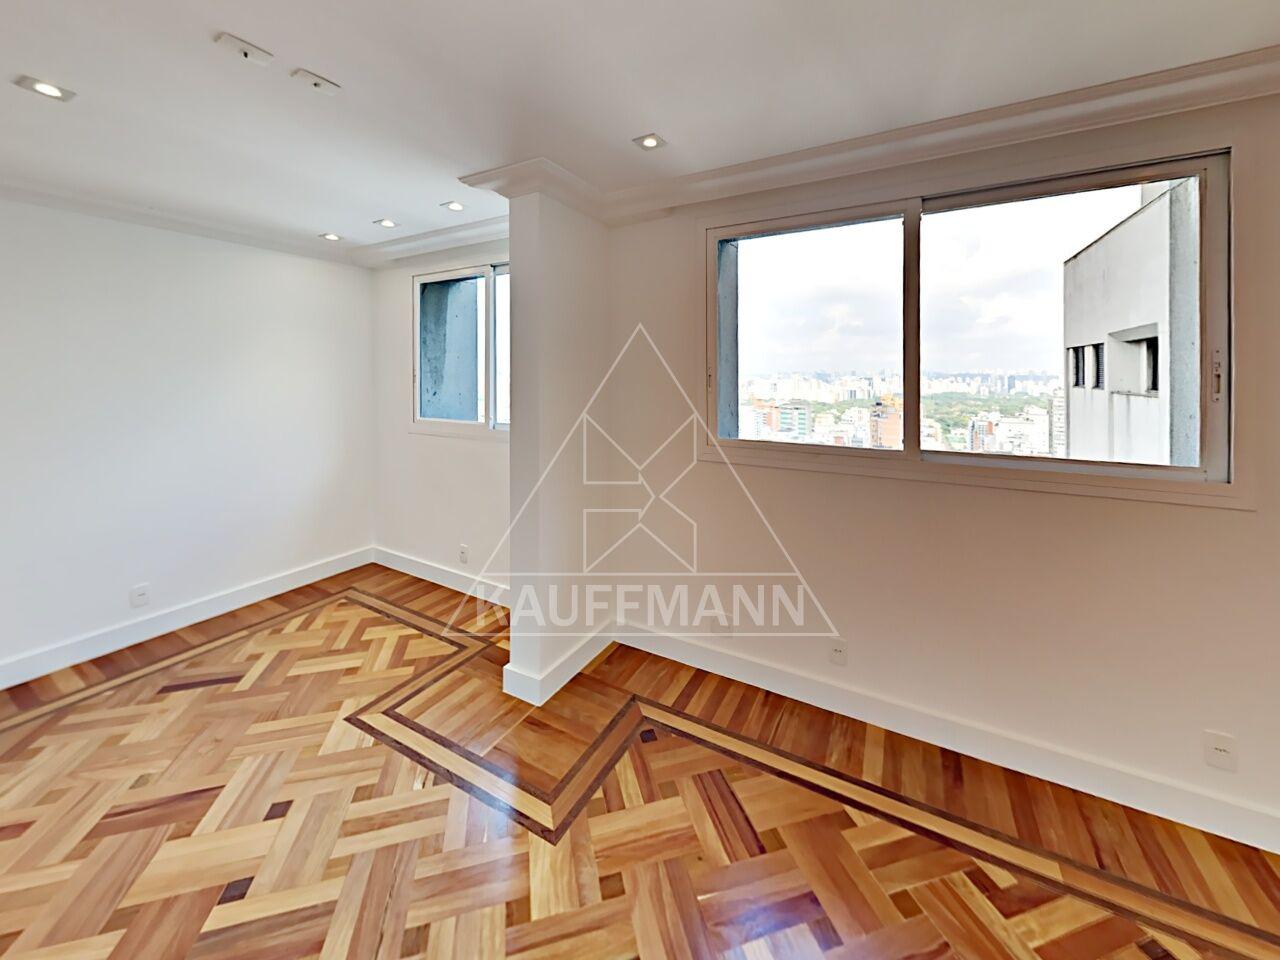 apartamento-venda-sao-paulo-jardim-america-regency-6dormitorios-6suites-7vagas-1099m2-Foto16